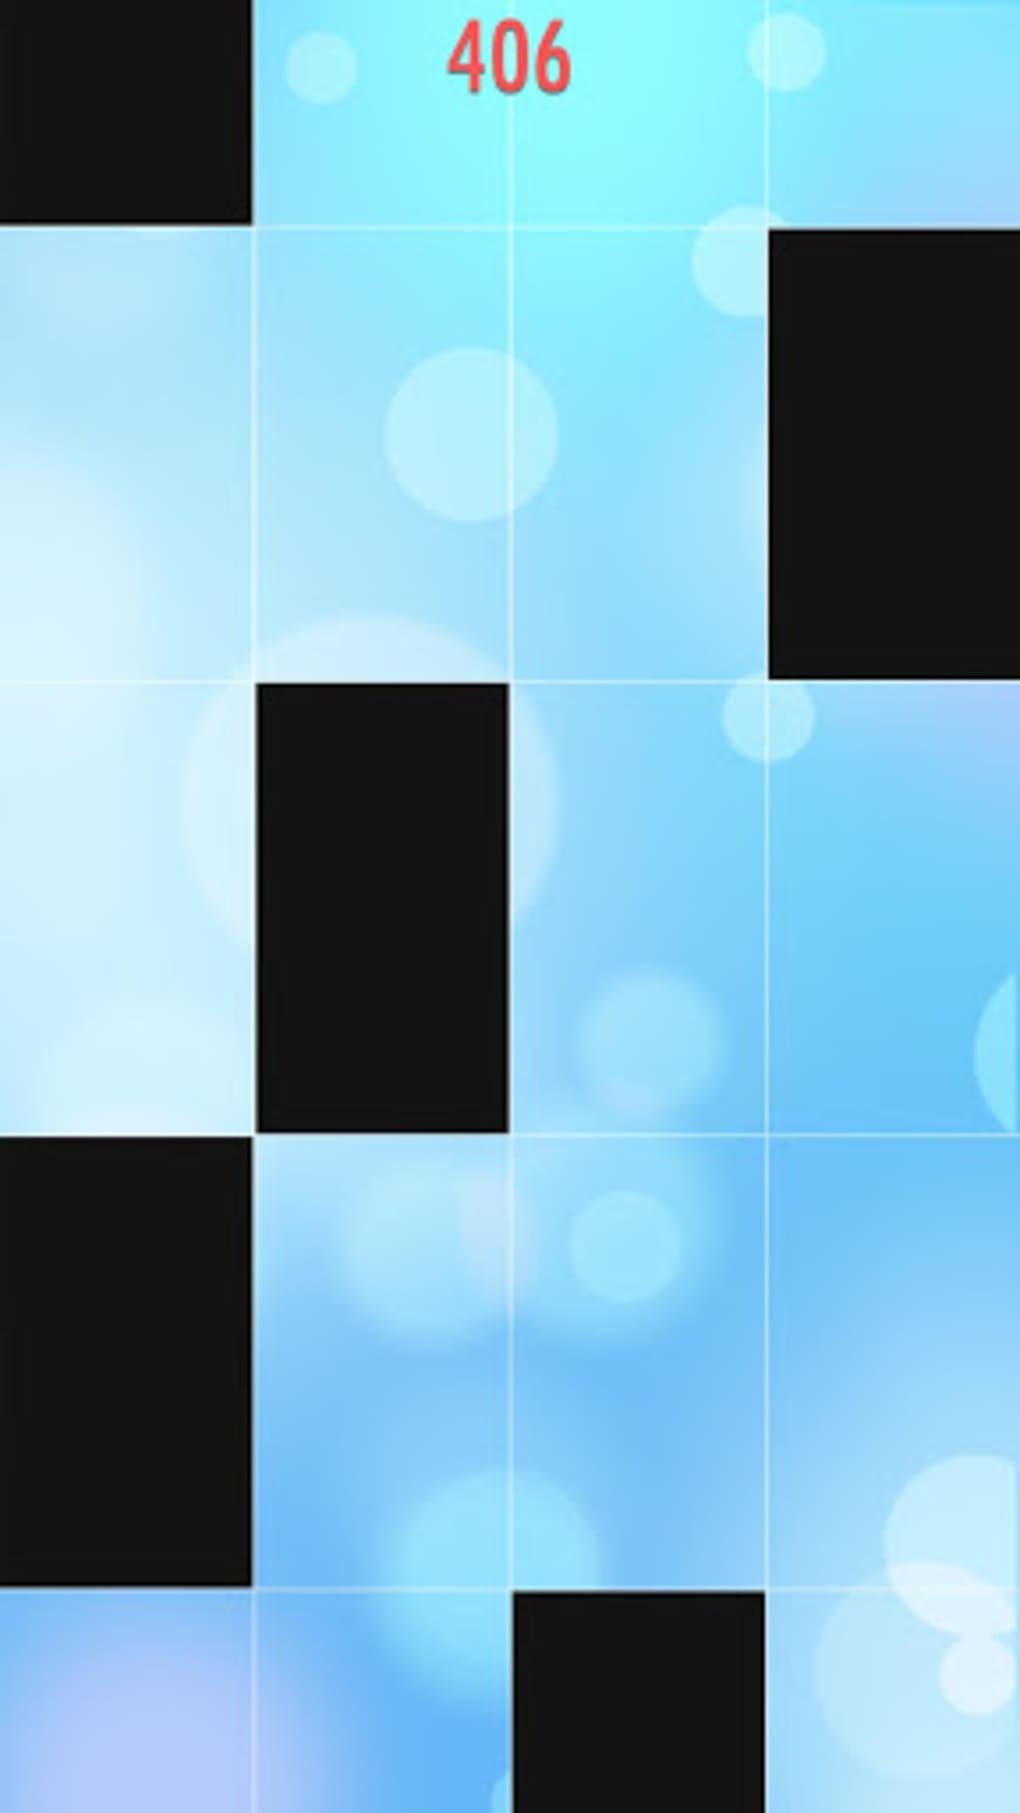 Piano Tiles 8